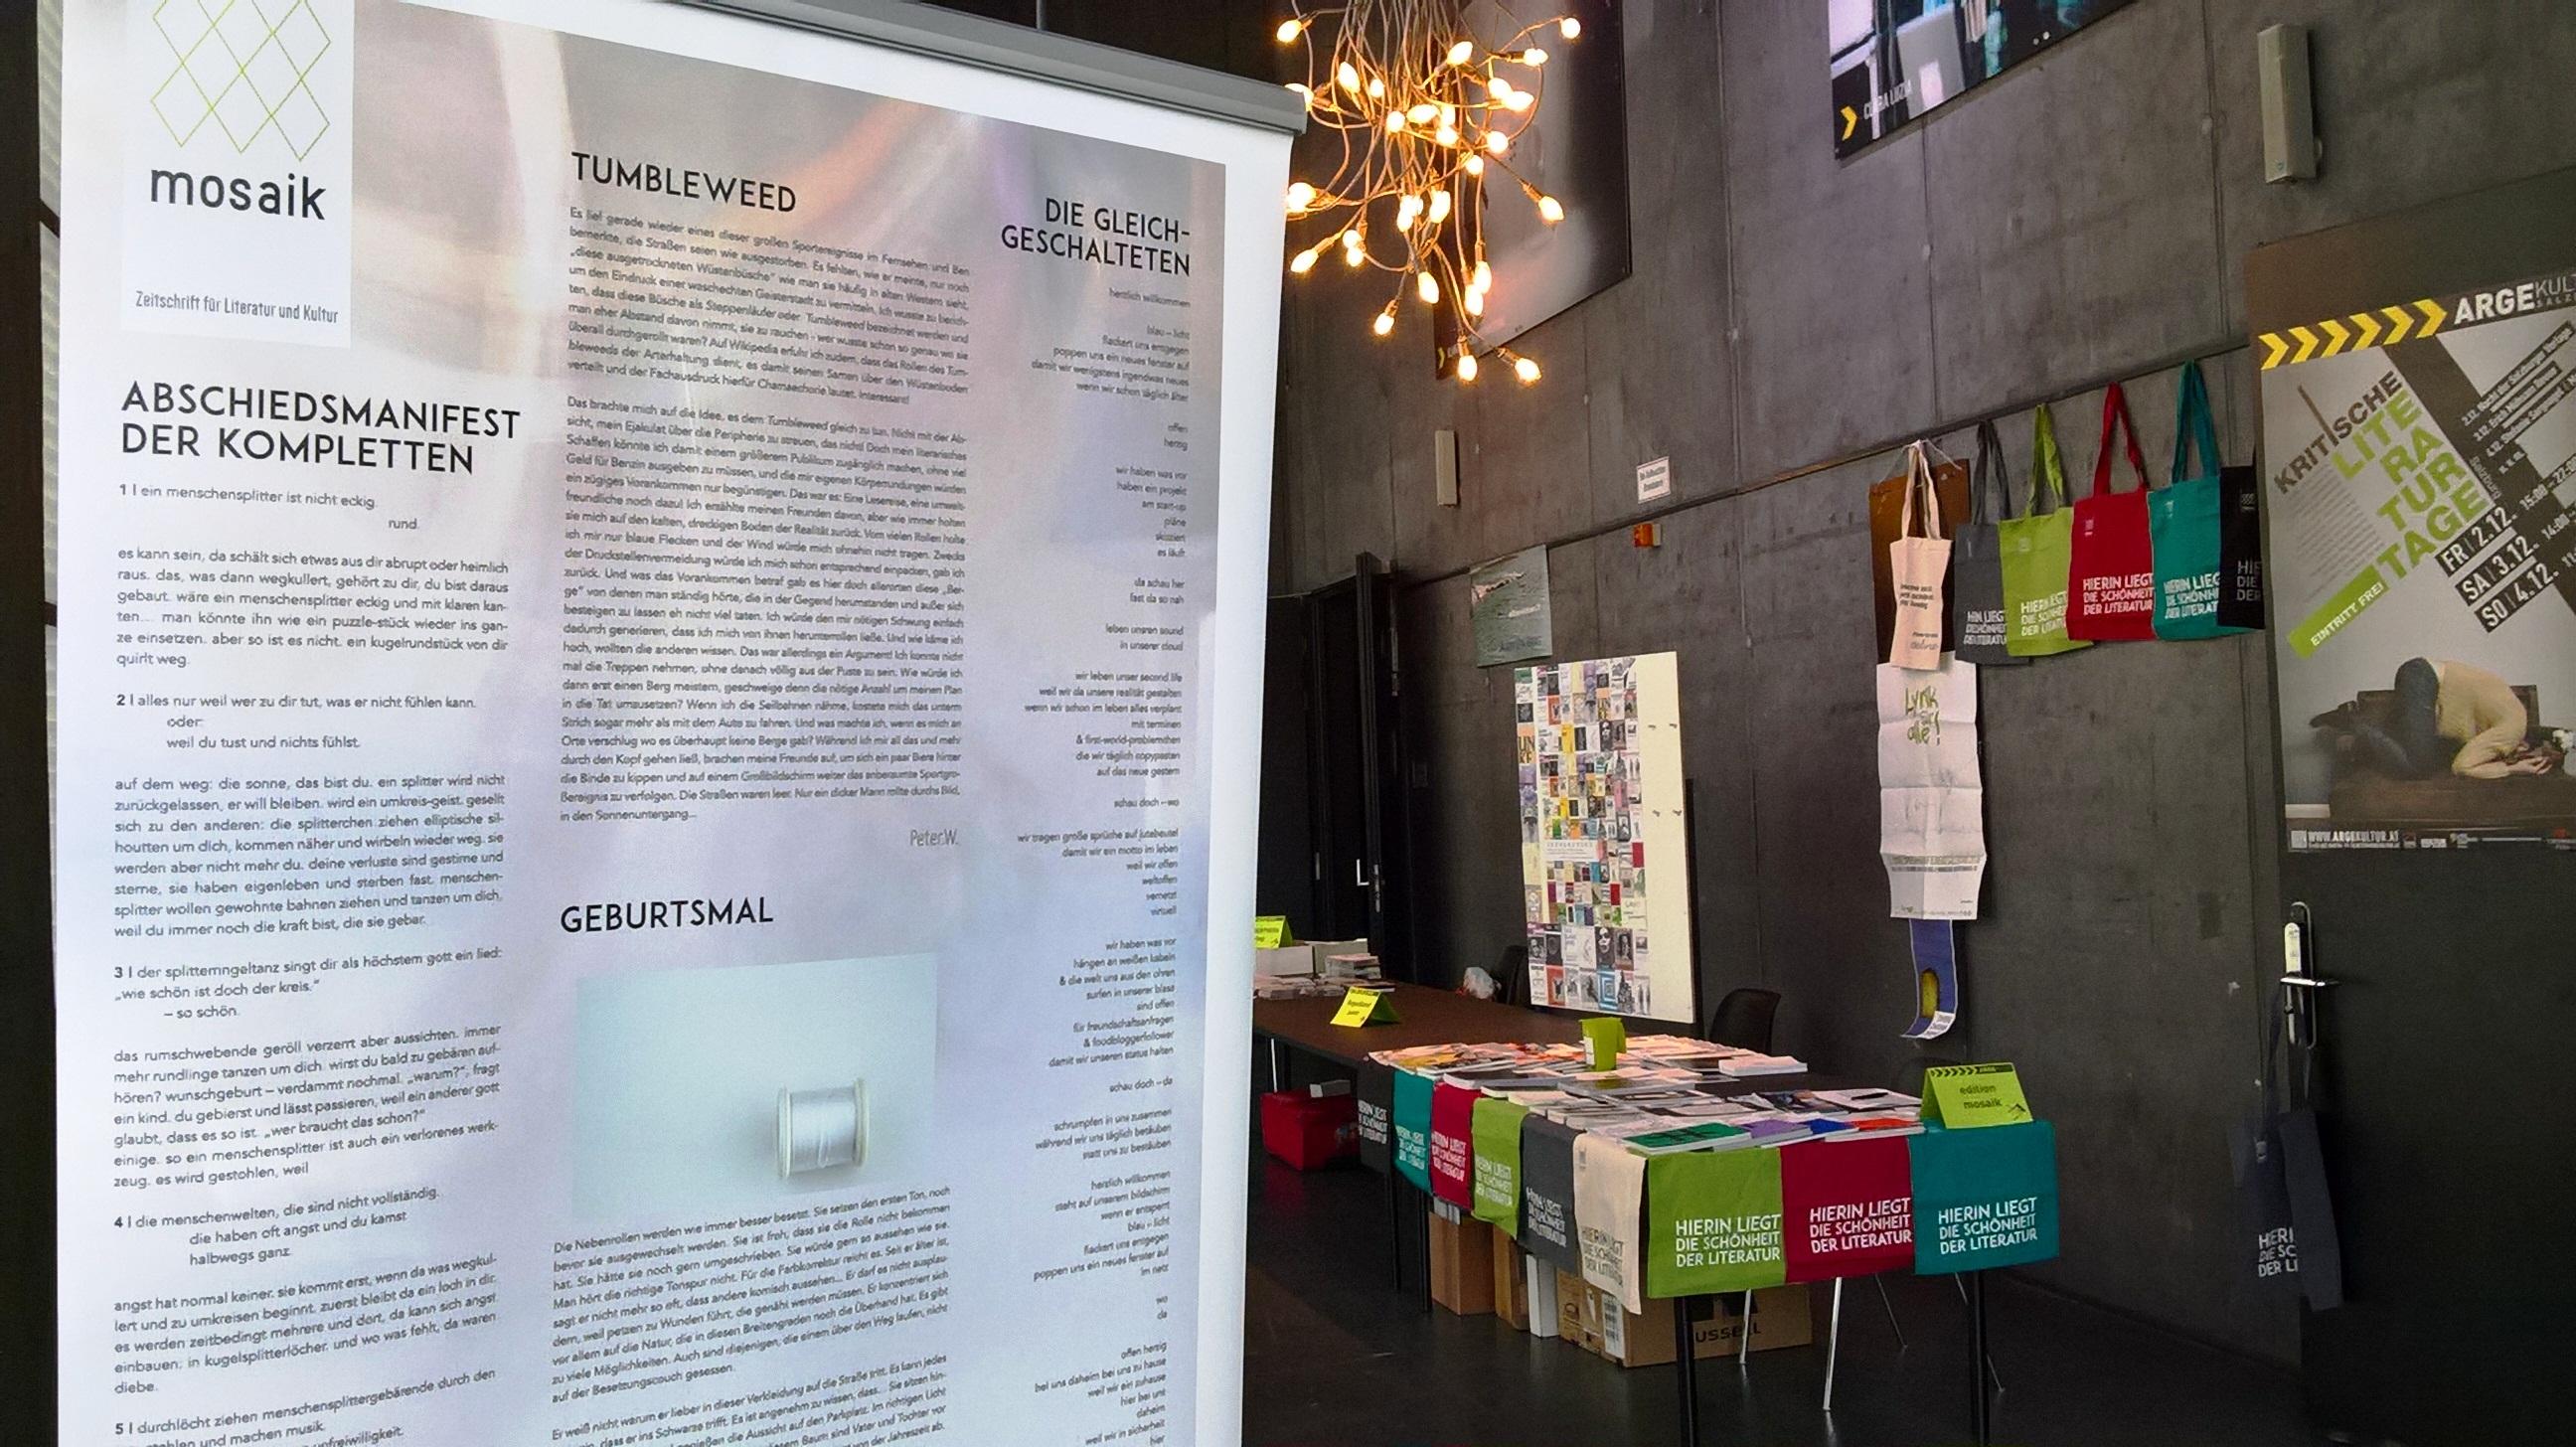 201611_Kritische Literaturtage_ARGEkultur_(c) Josef Kirchner (1)